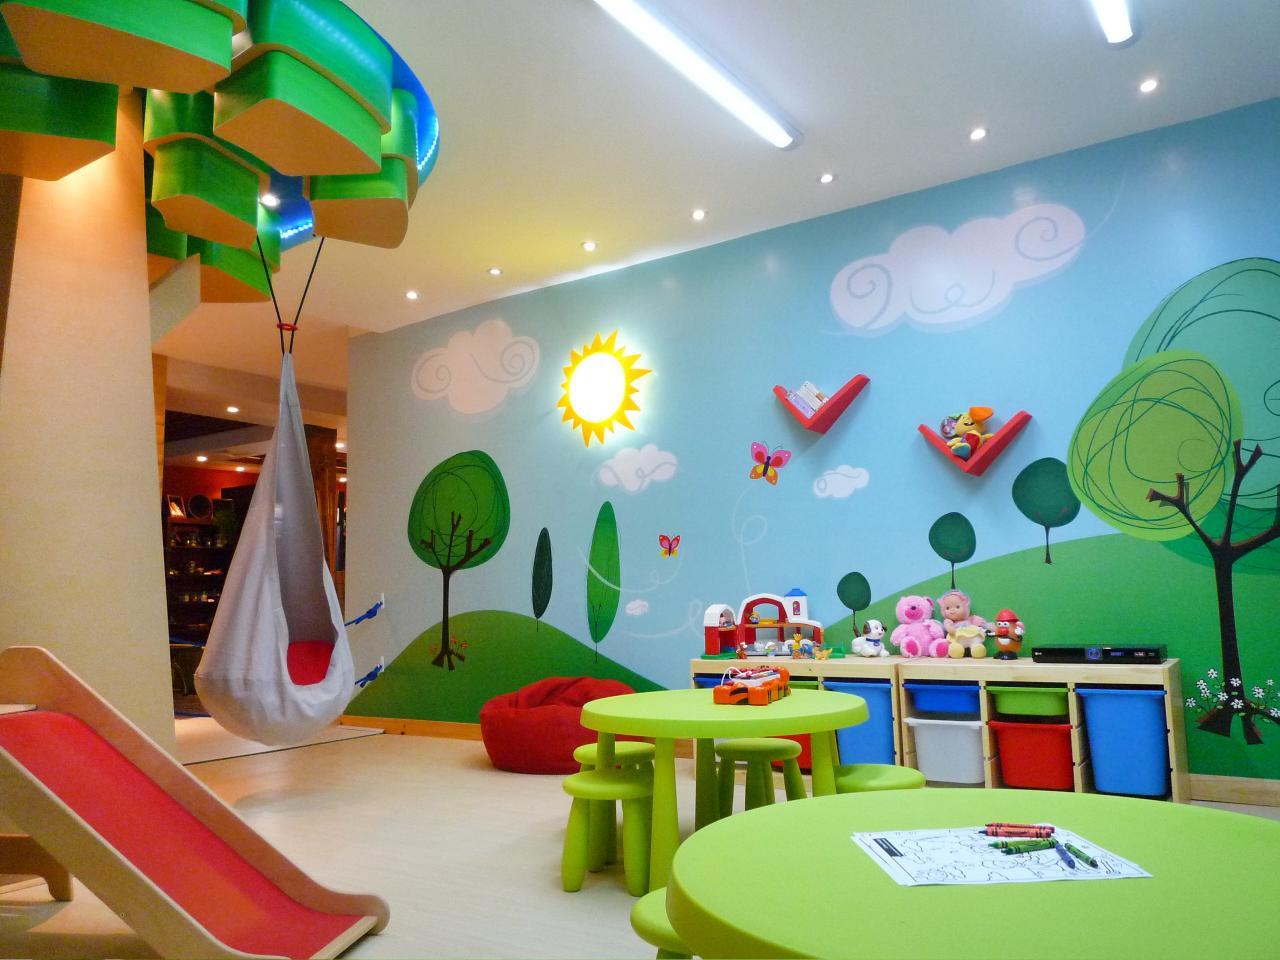 بالصور دهانات غرف اطفال , احدث الدهانات لغرفة طفلك